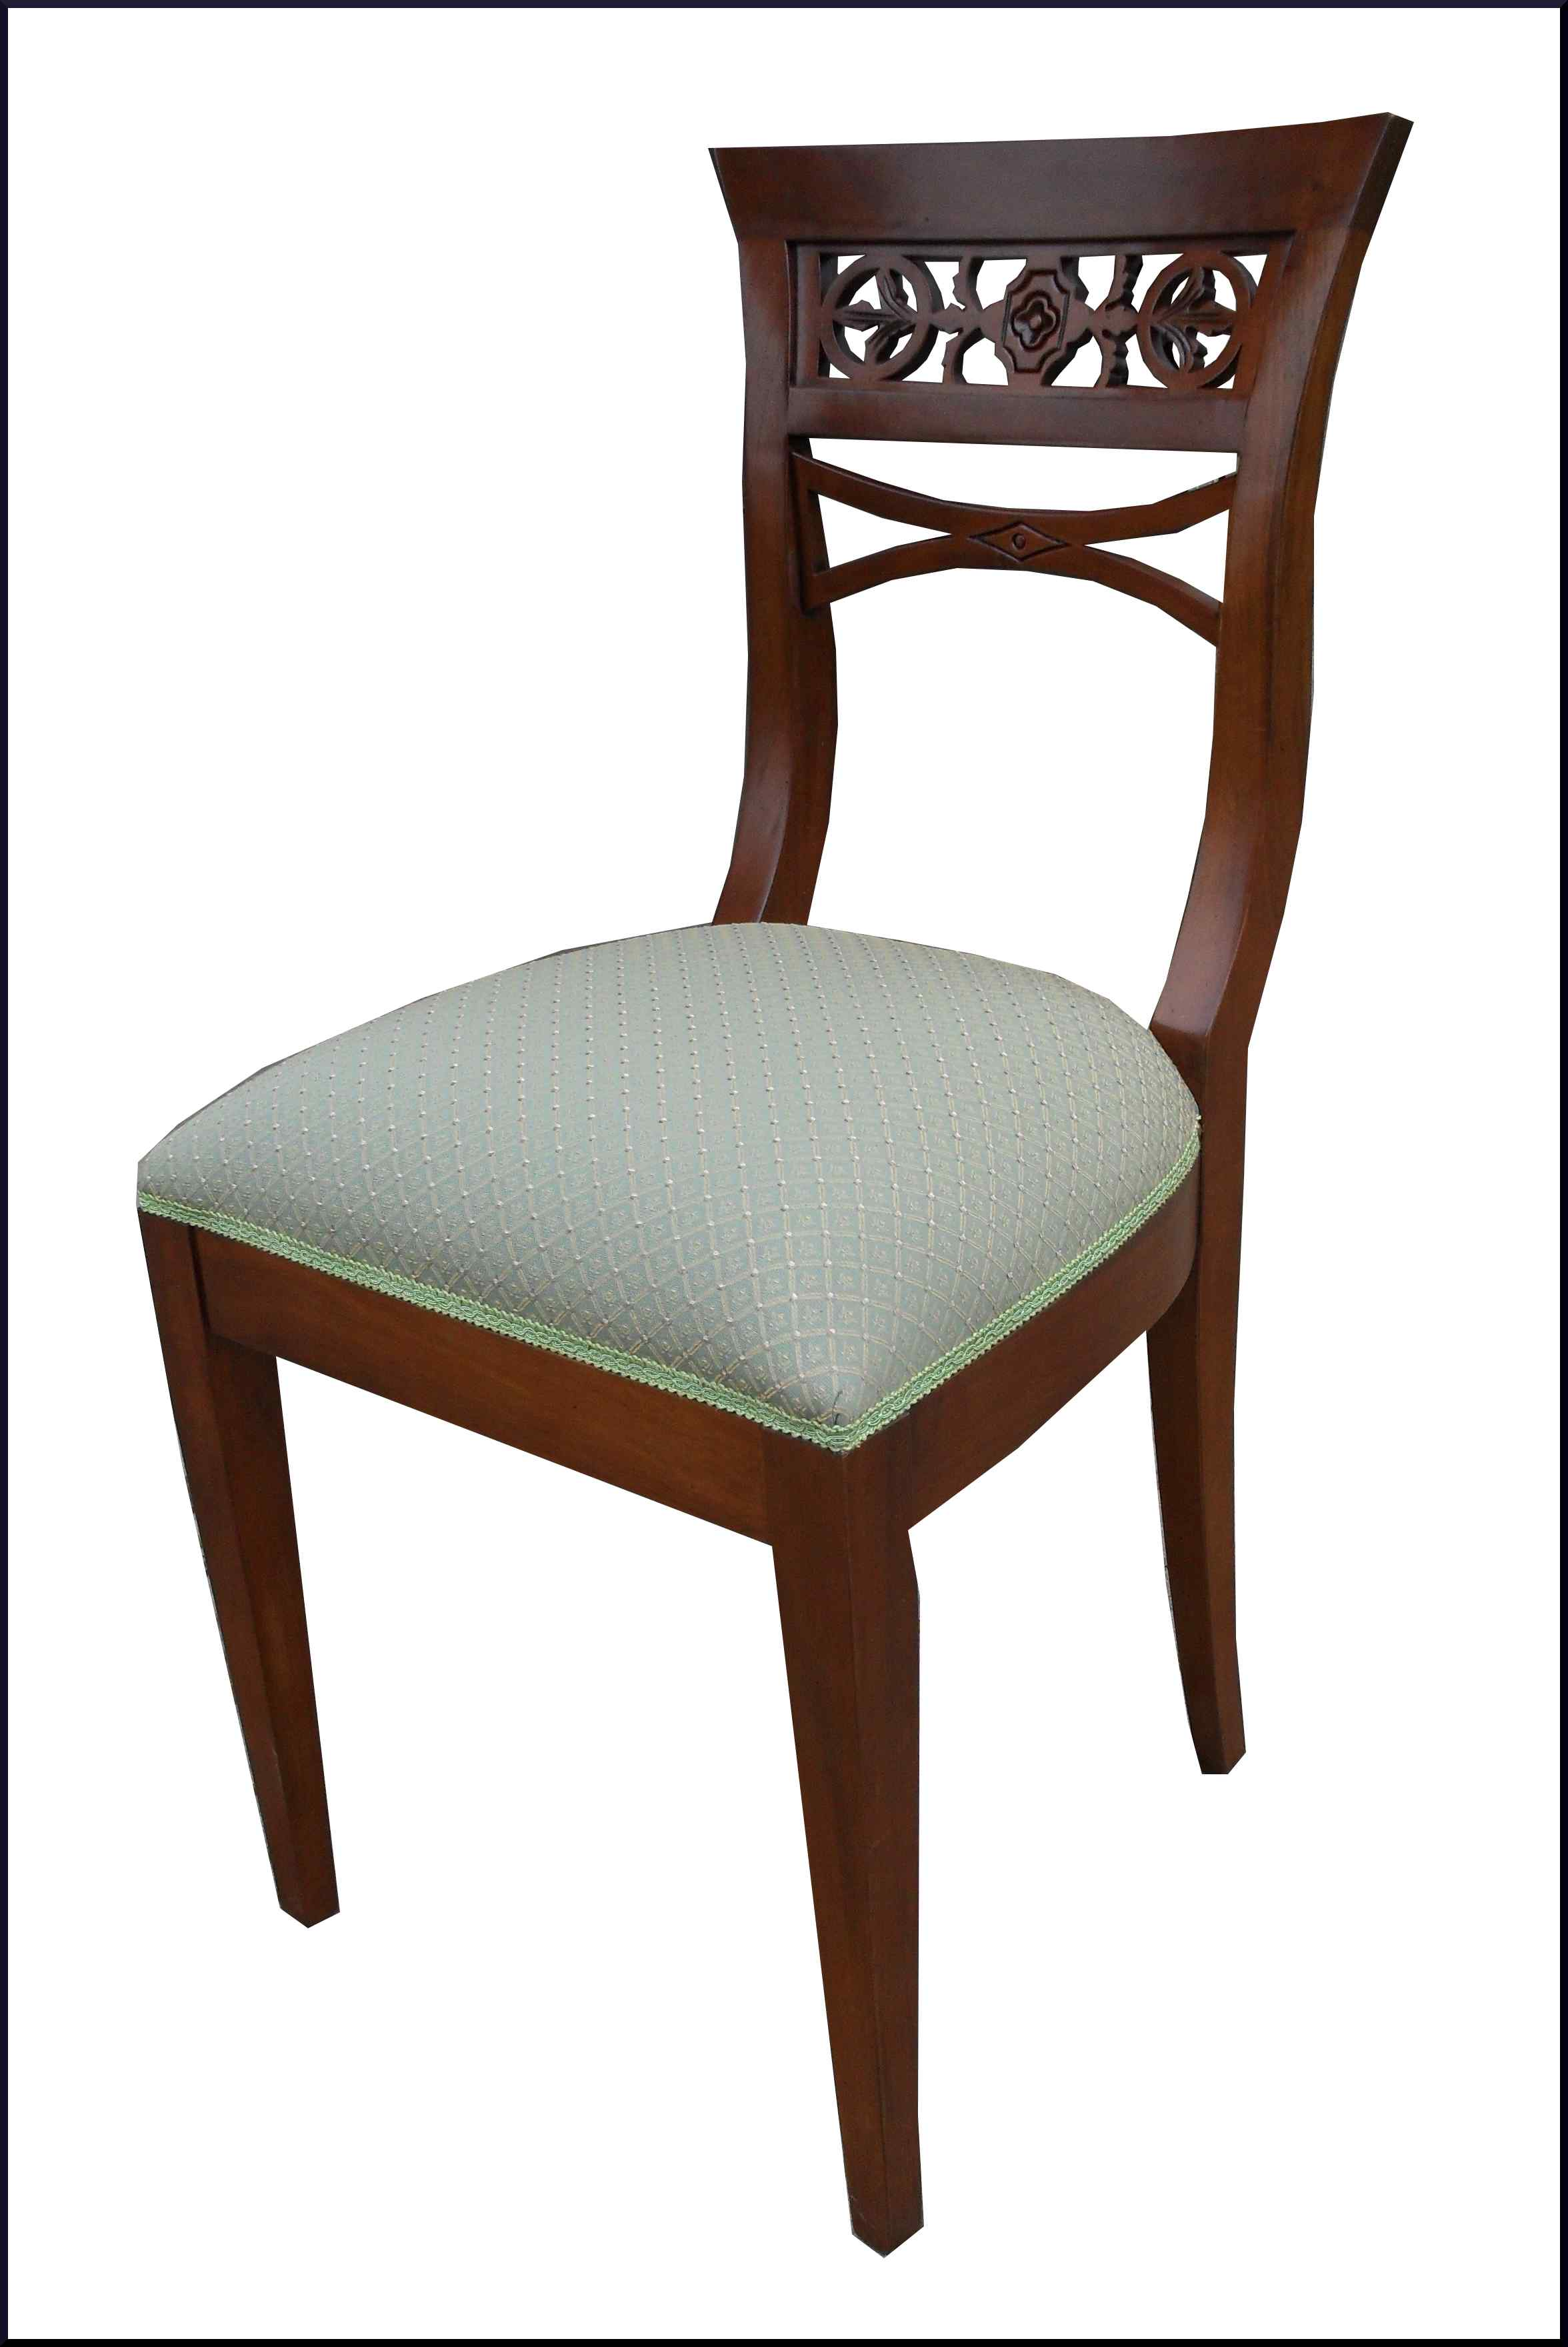 Sedia classica con schienale intagliato la commode di - Schienale sedia ...